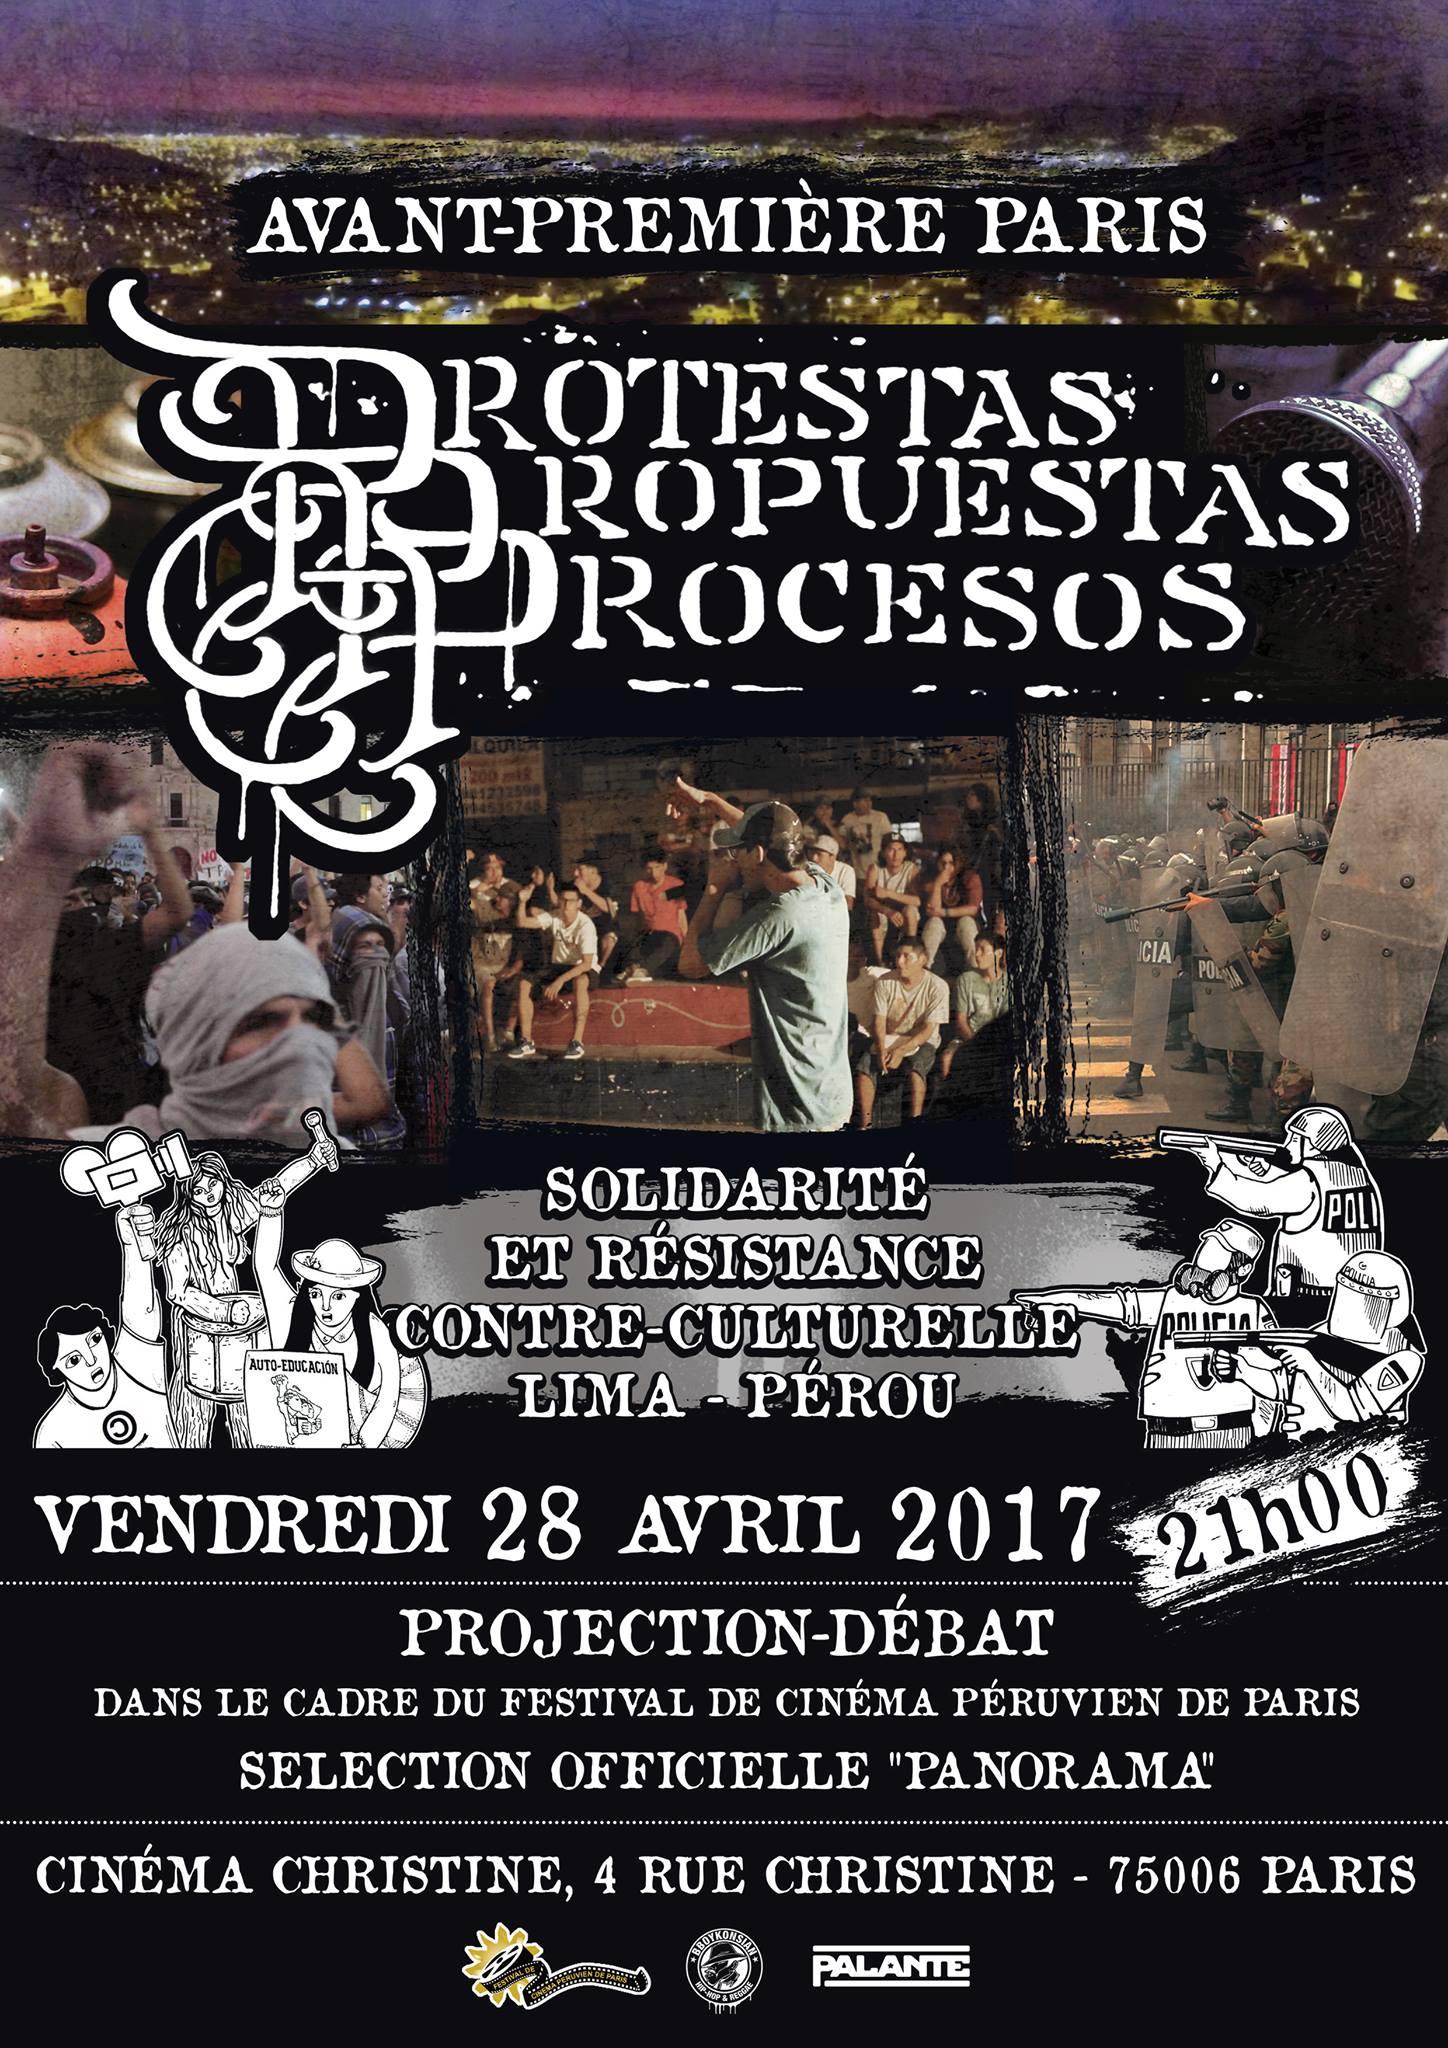 """Avant-première du documentaire """"Protestas, propuestas y procesos"""" le 28 avril 2017 à Paris"""